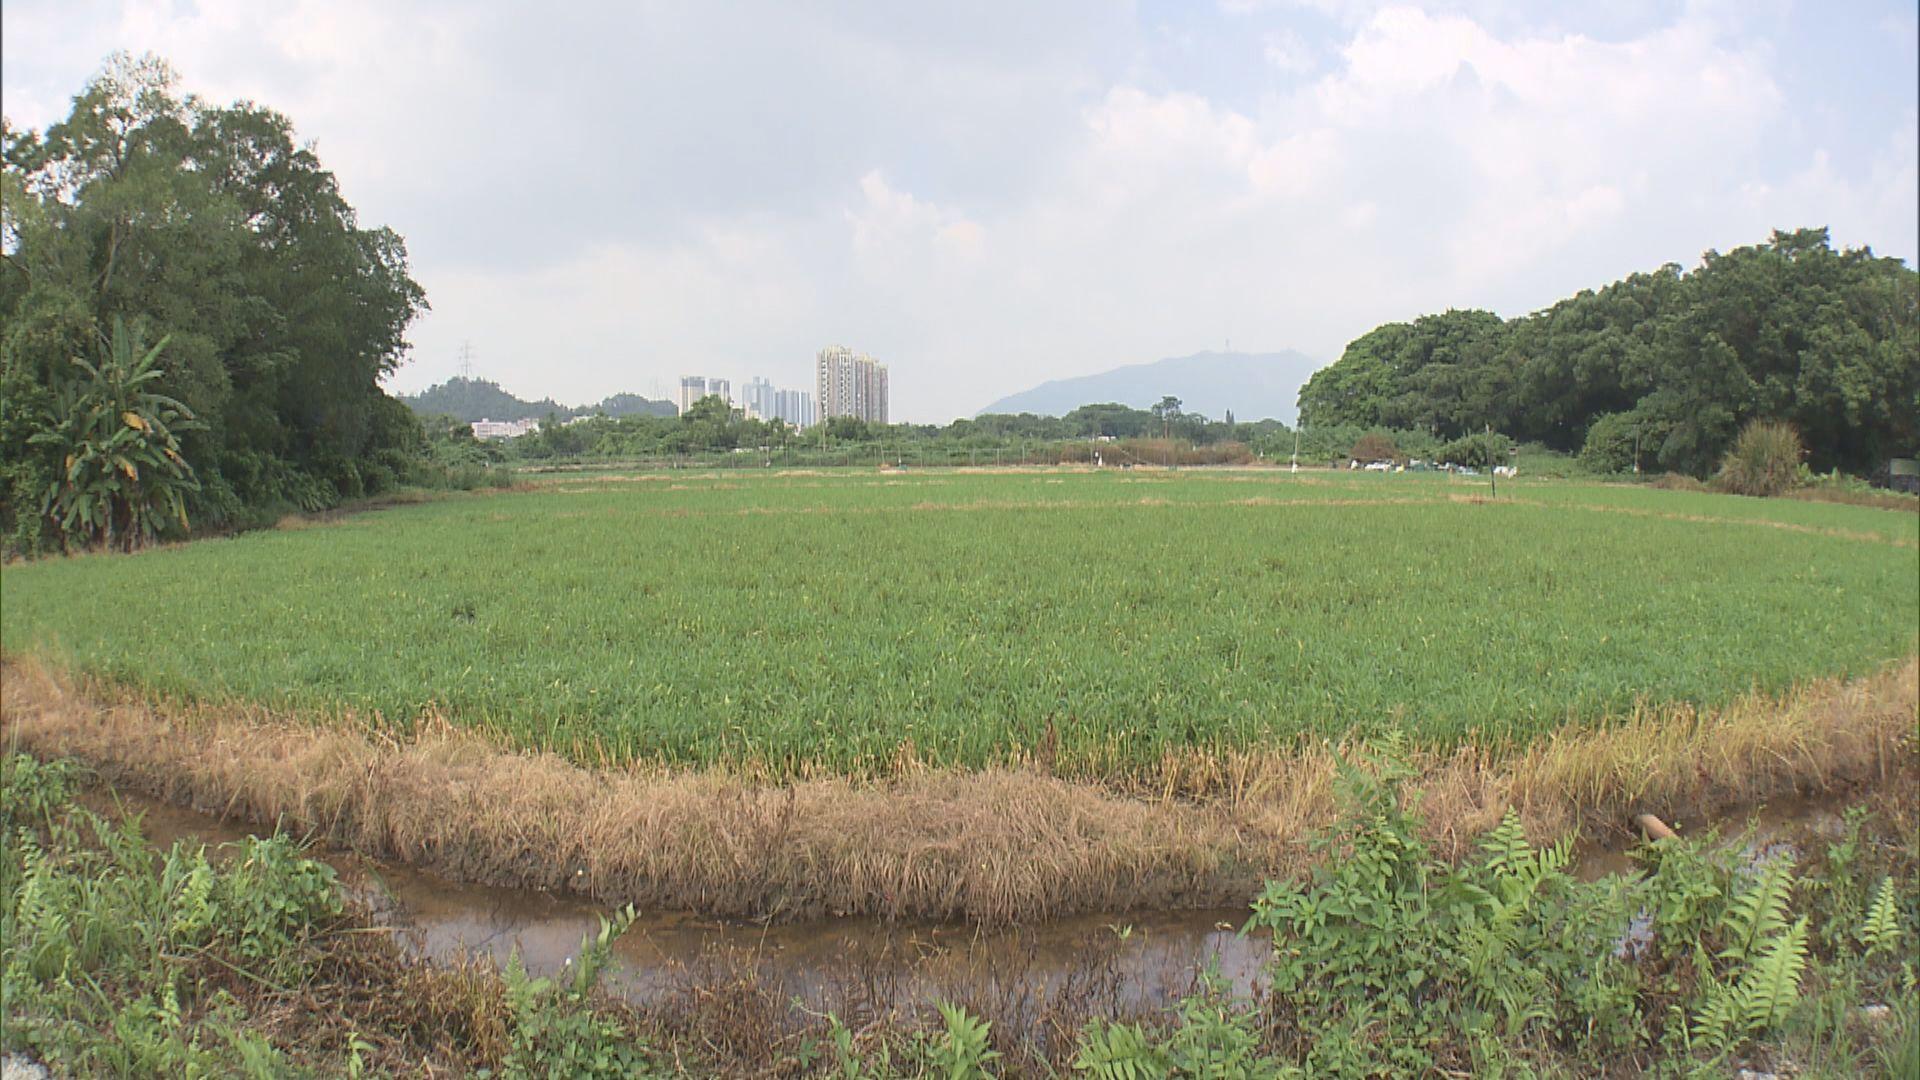 【施政報告】土地及房屋供應方針由政府採取主導